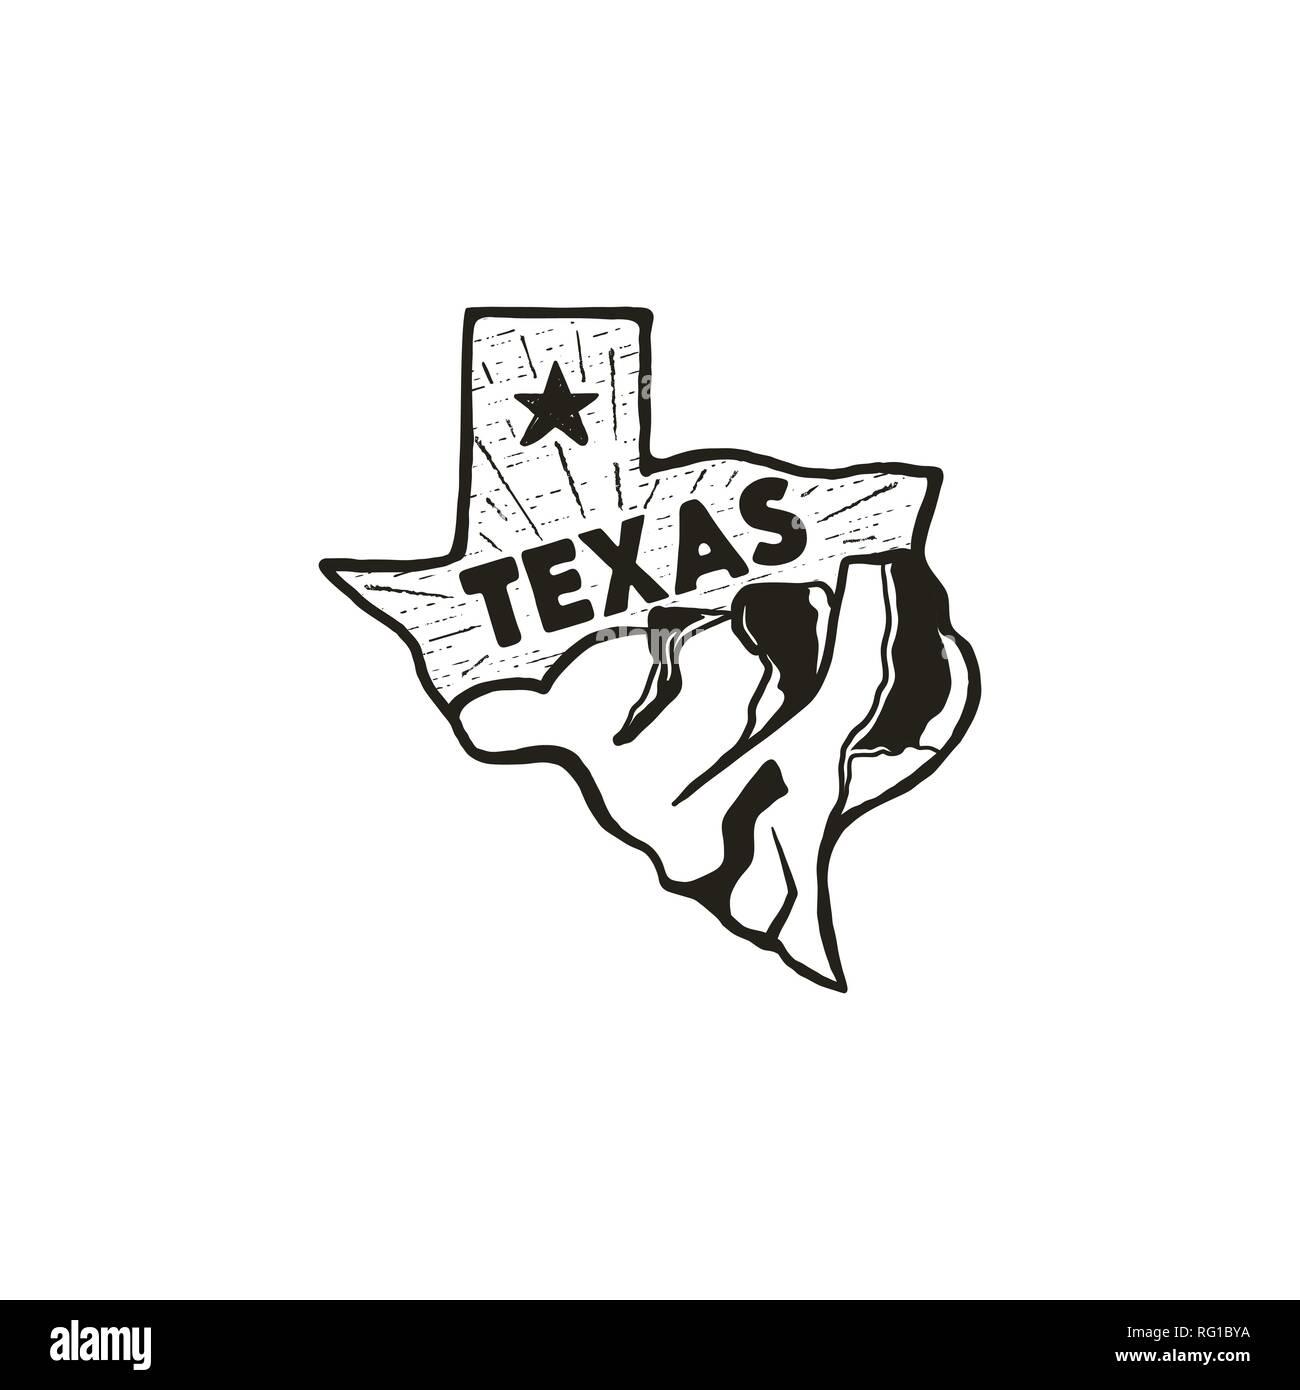 Dessiné à la main vintage badge badge de l'état du Texas, aux États-Unis. Icône de style Silhouette, logo. Avec les montagnes et les étoiles. Patch rétro, logotype. Pour Nice Illustration de Vecteur